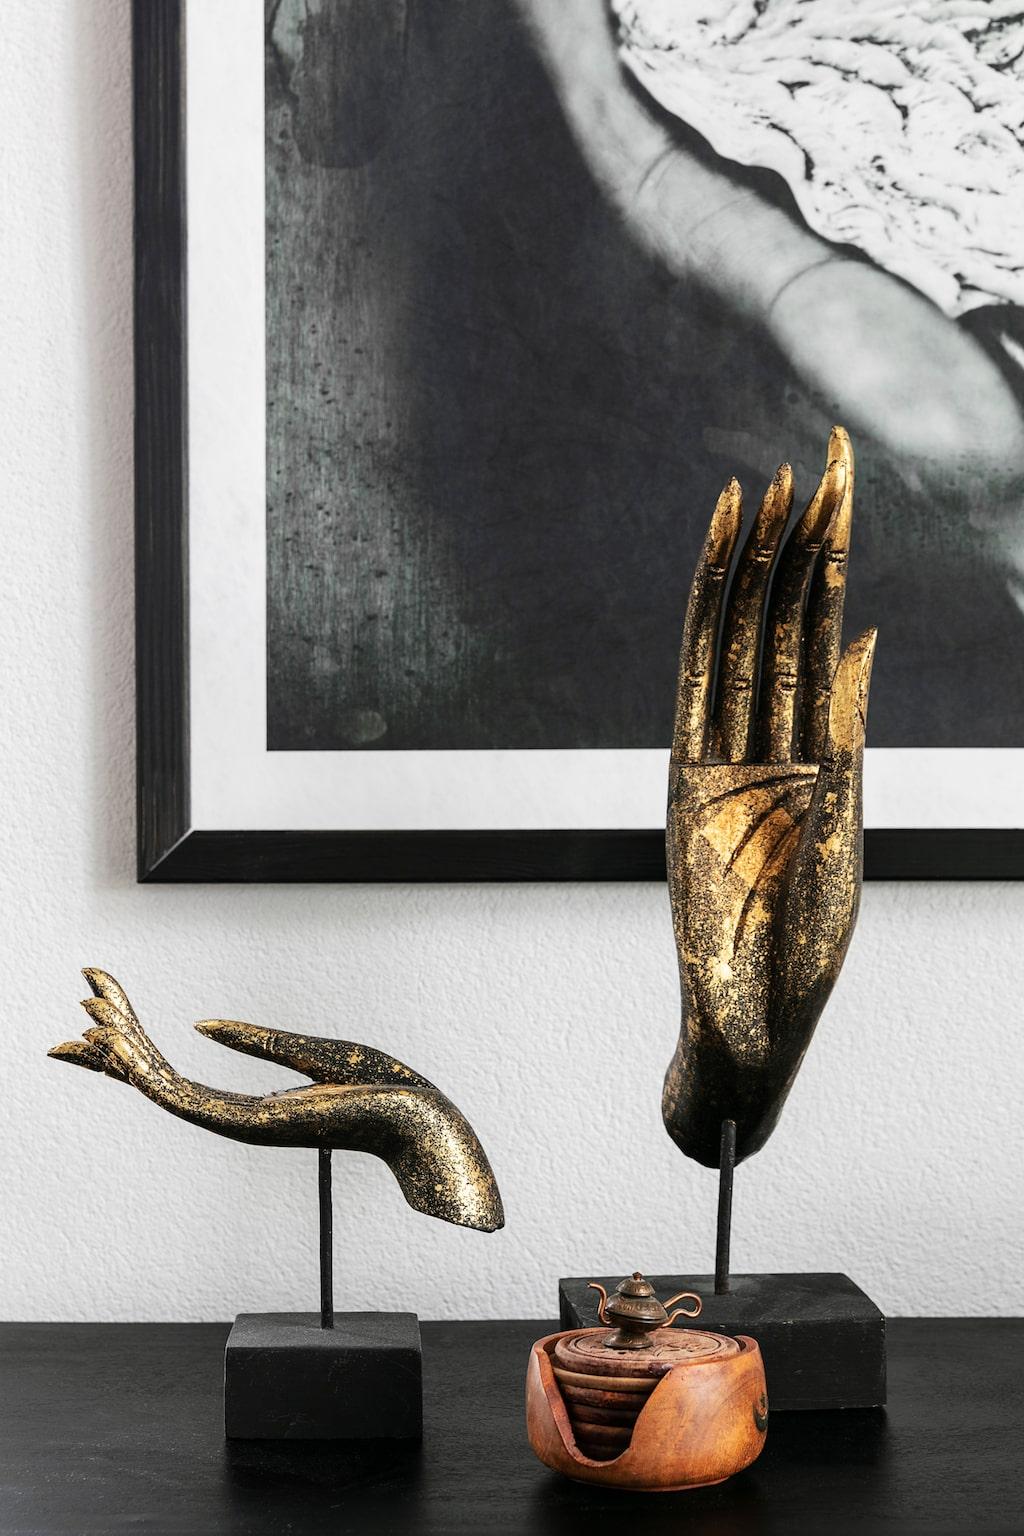 Konst och unika objekt gör inredningen personlig. Den lilla kannan har Yvette ärvt av sin mormor.